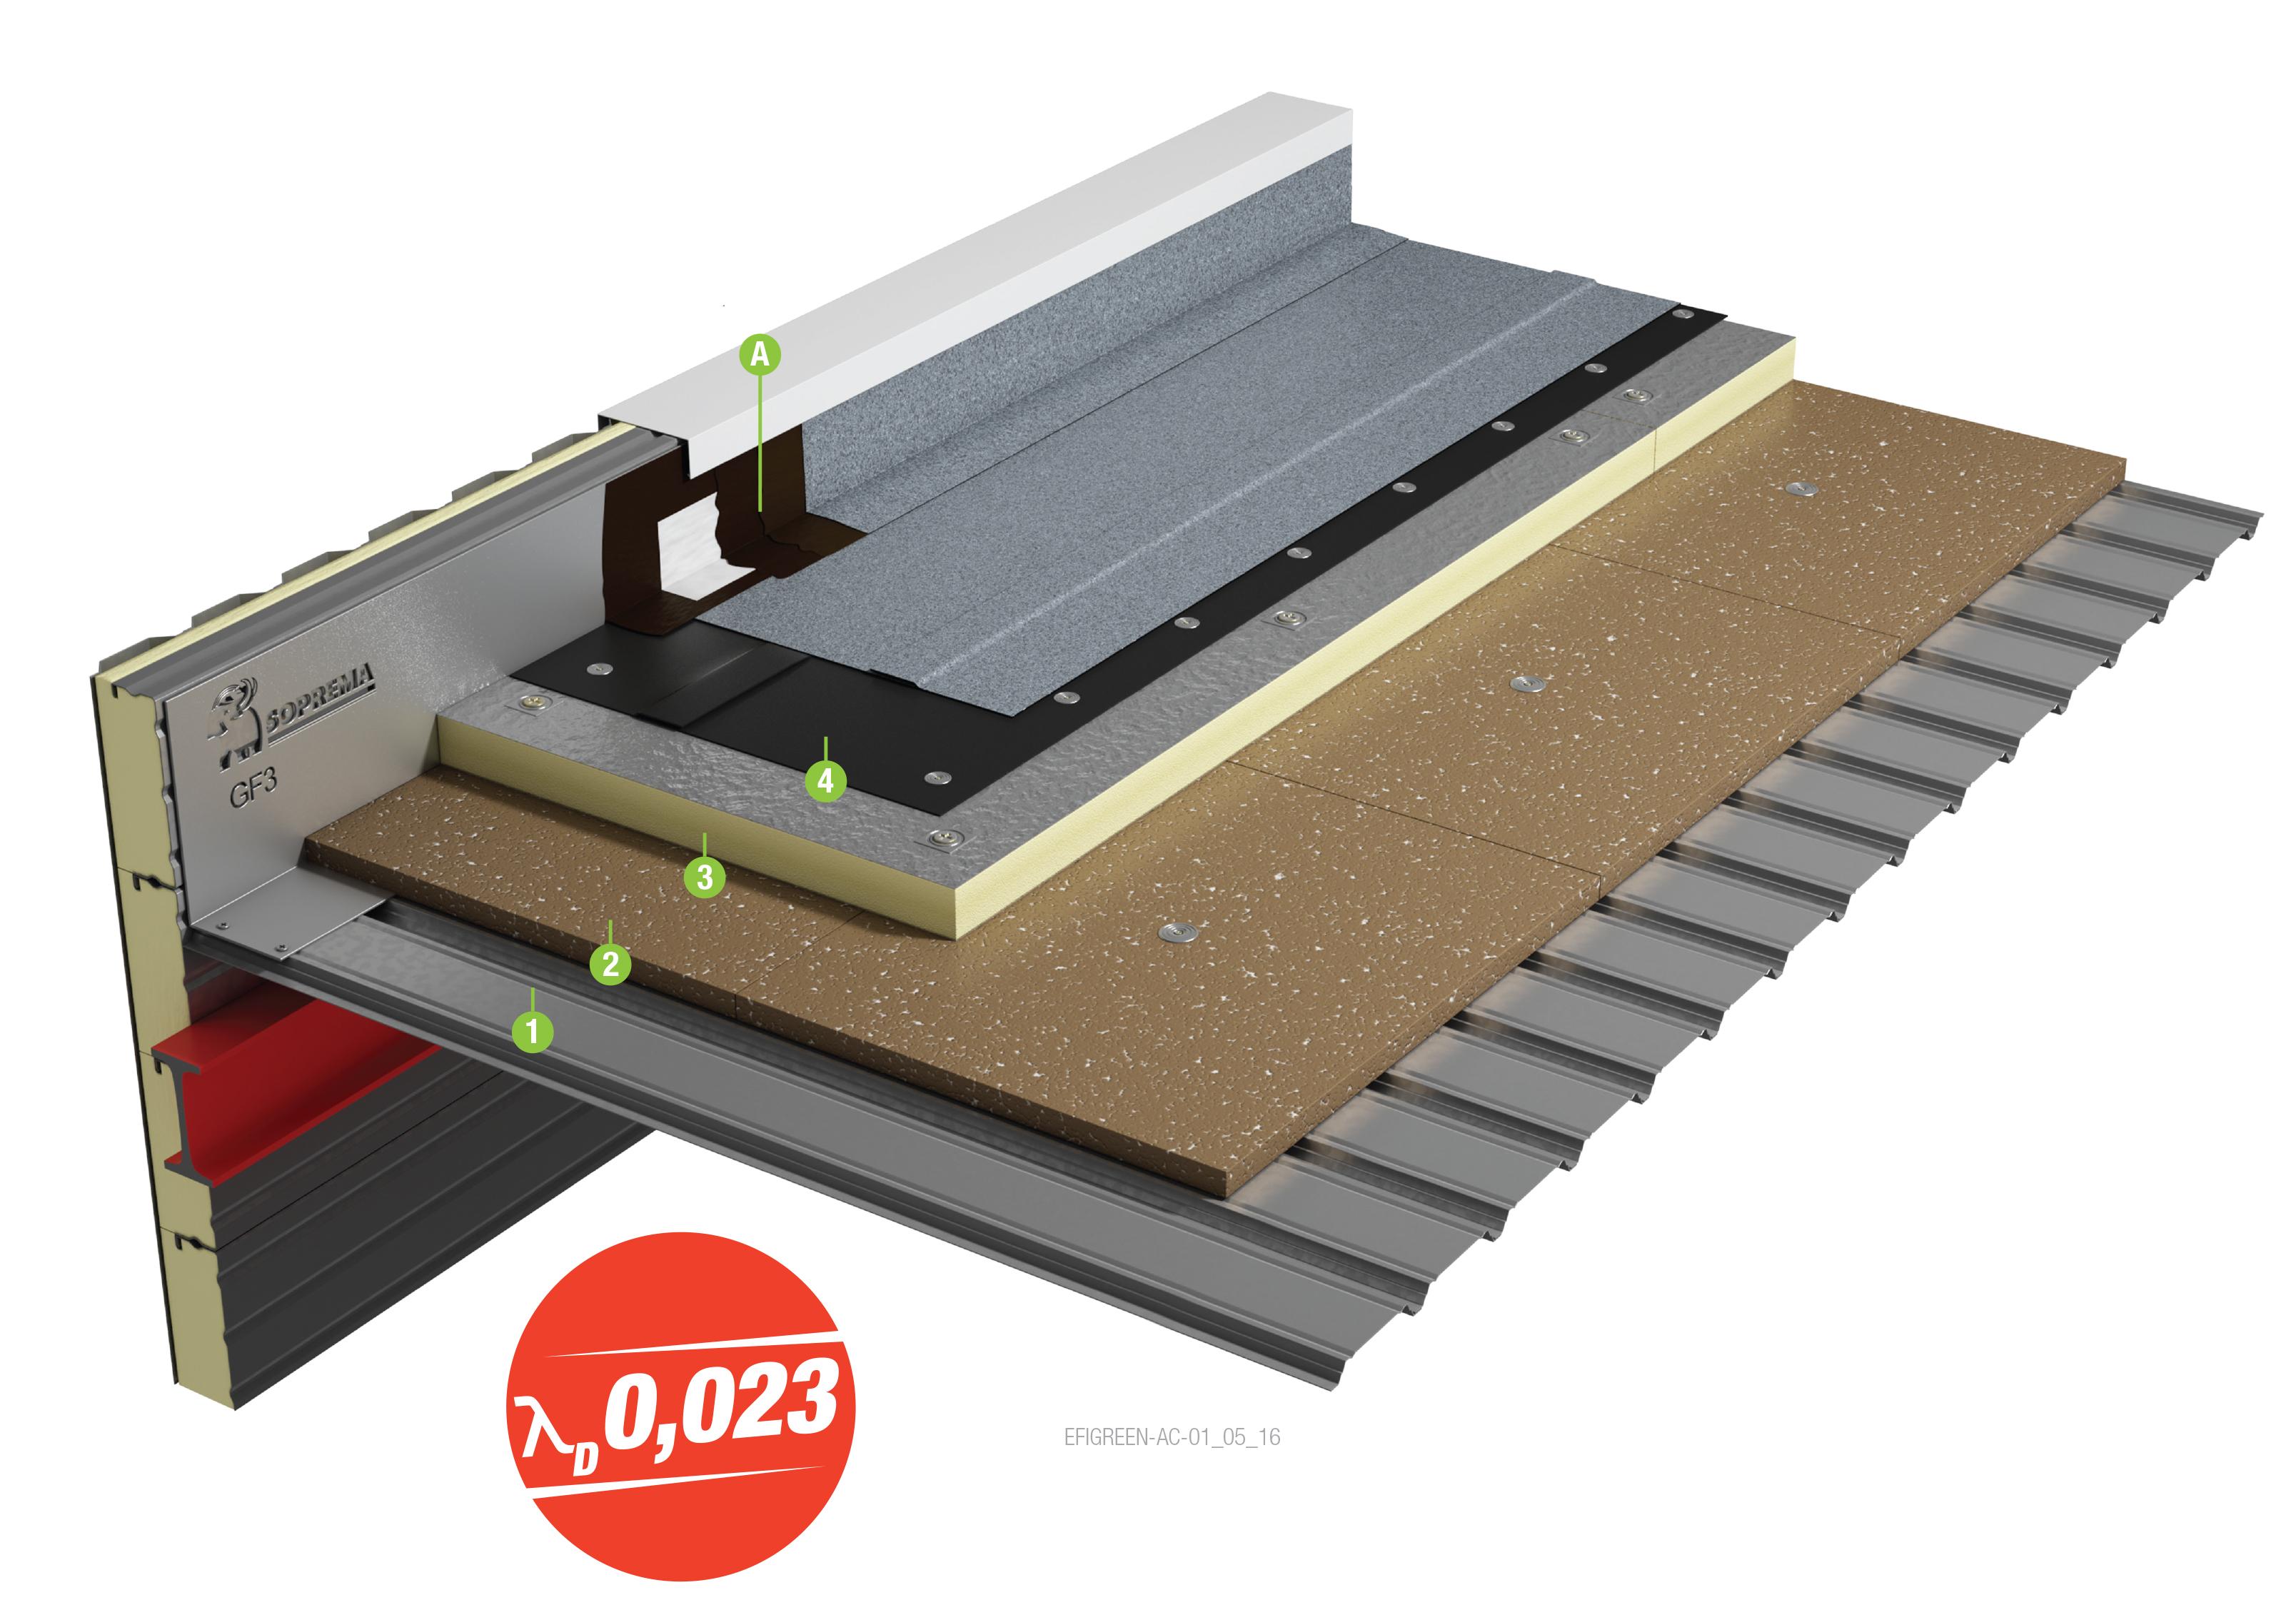 Pose bac acier pose bac acier toit plat with pose bac for Pose bac acier toiture